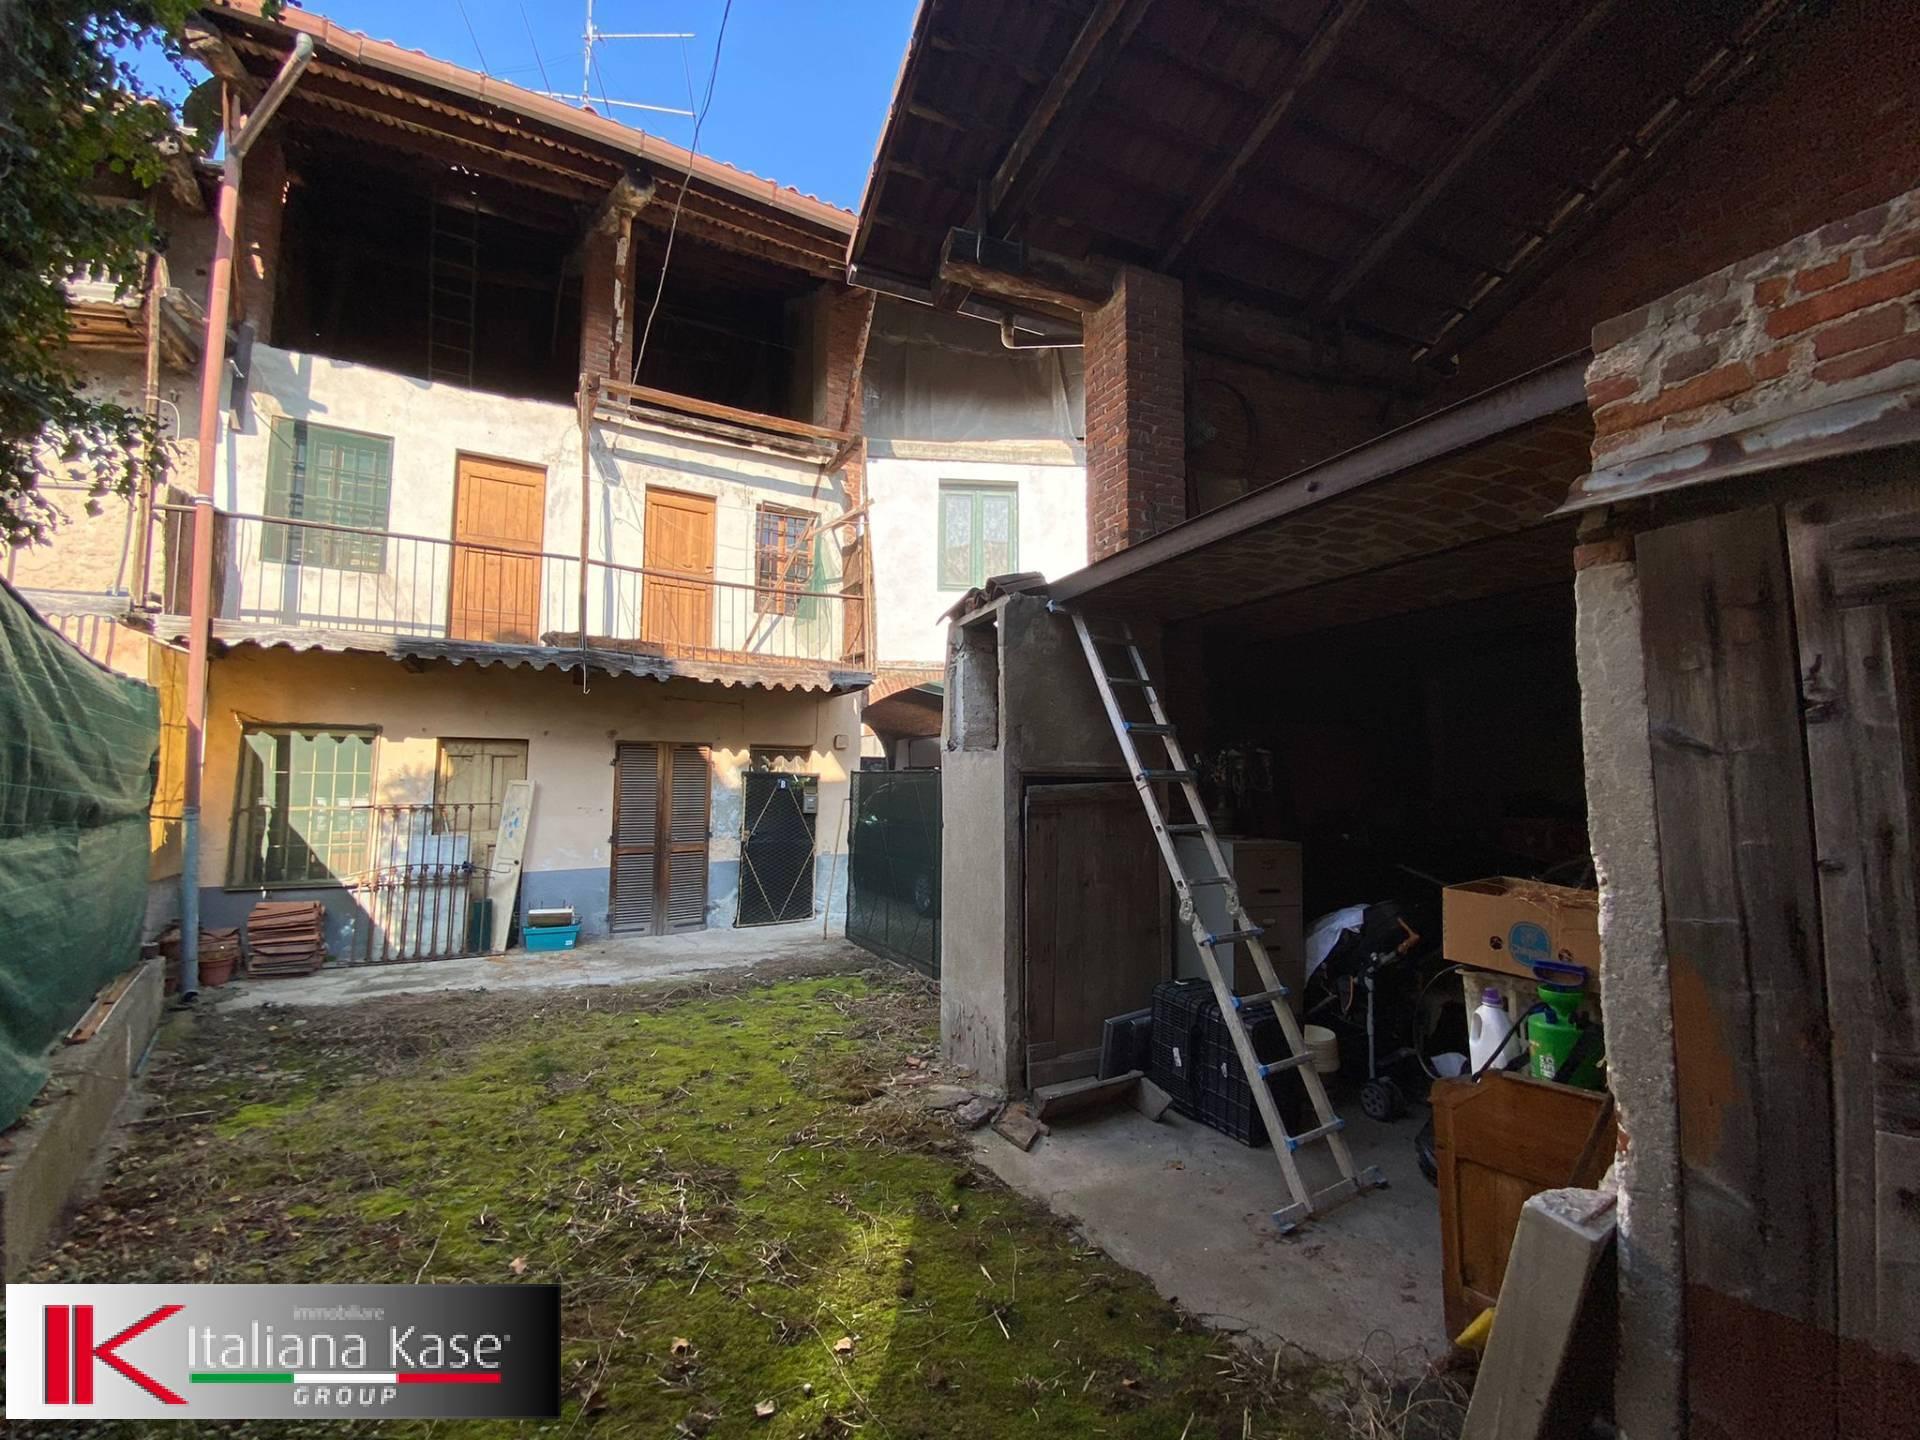 Rustico / Casale in vendita a Candia Canavese, 4 locali, zona Località: CandiaCanavese, prezzo € 19.000   PortaleAgenzieImmobiliari.it